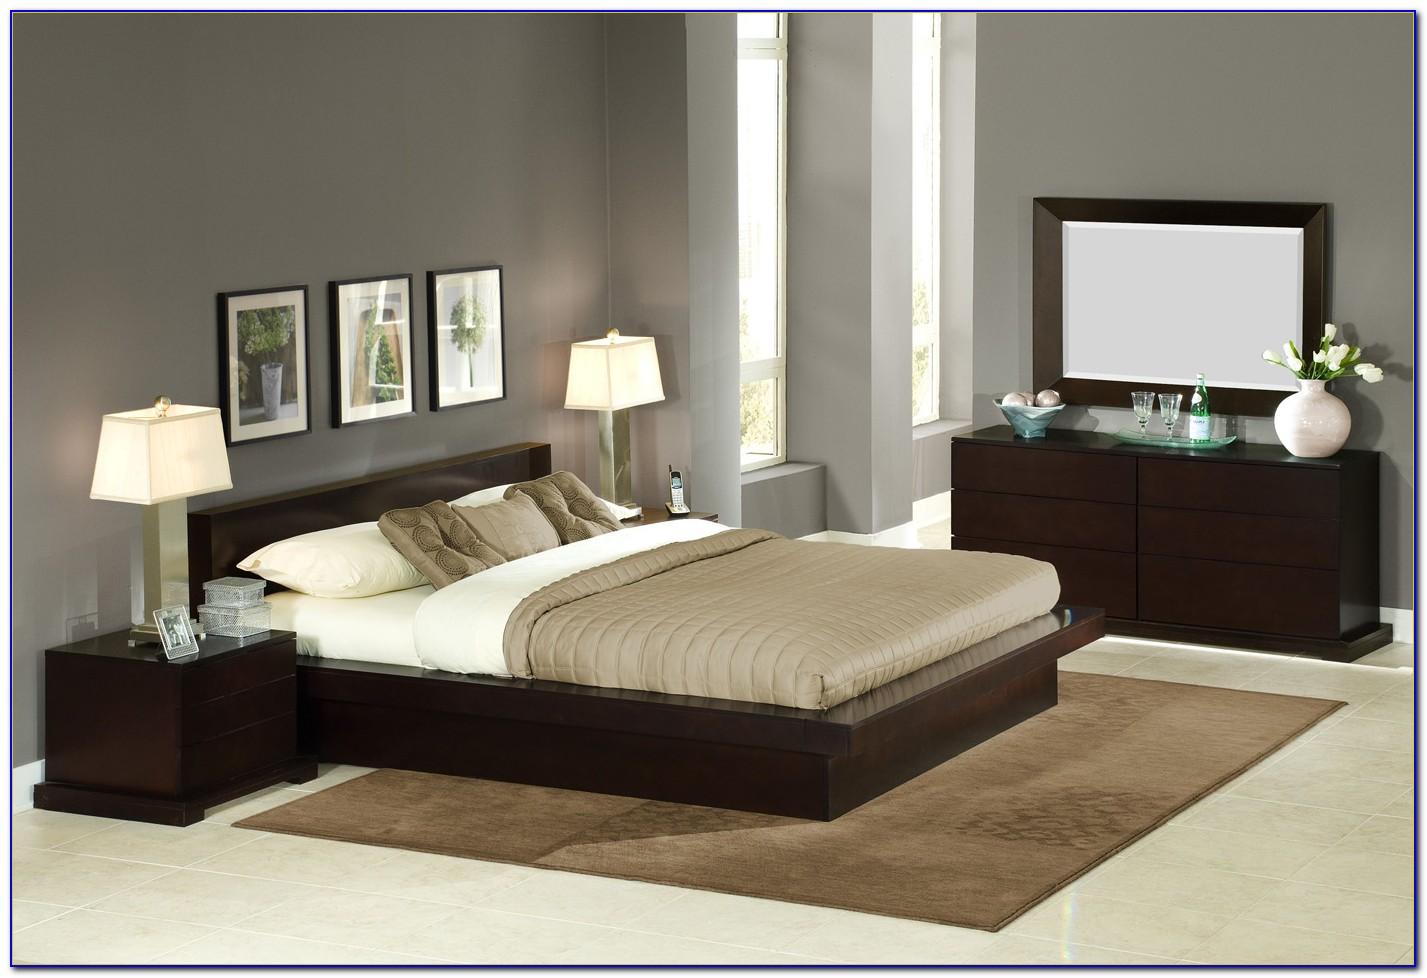 4 Piece Bedroom Furniture Sets